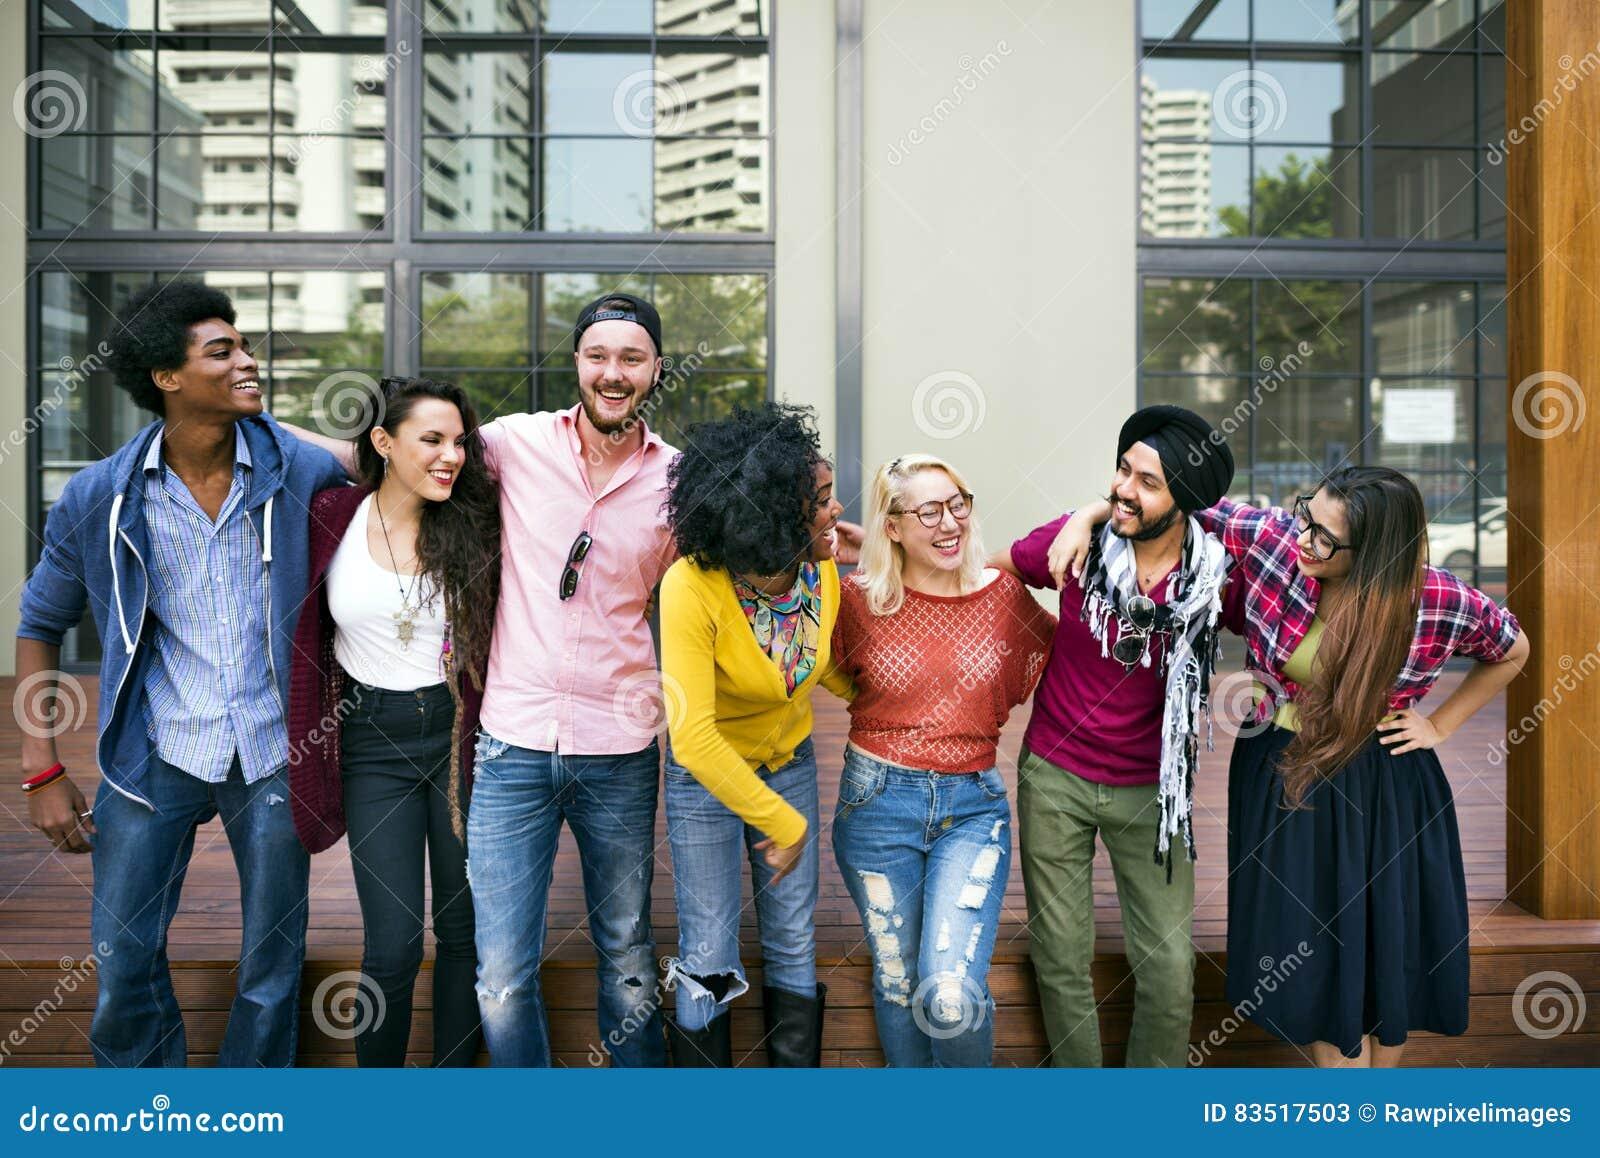 Έννοια χαμόγελου ευτυχίας ομαδικής εργασίας φοιτητών πανεπιστημίου